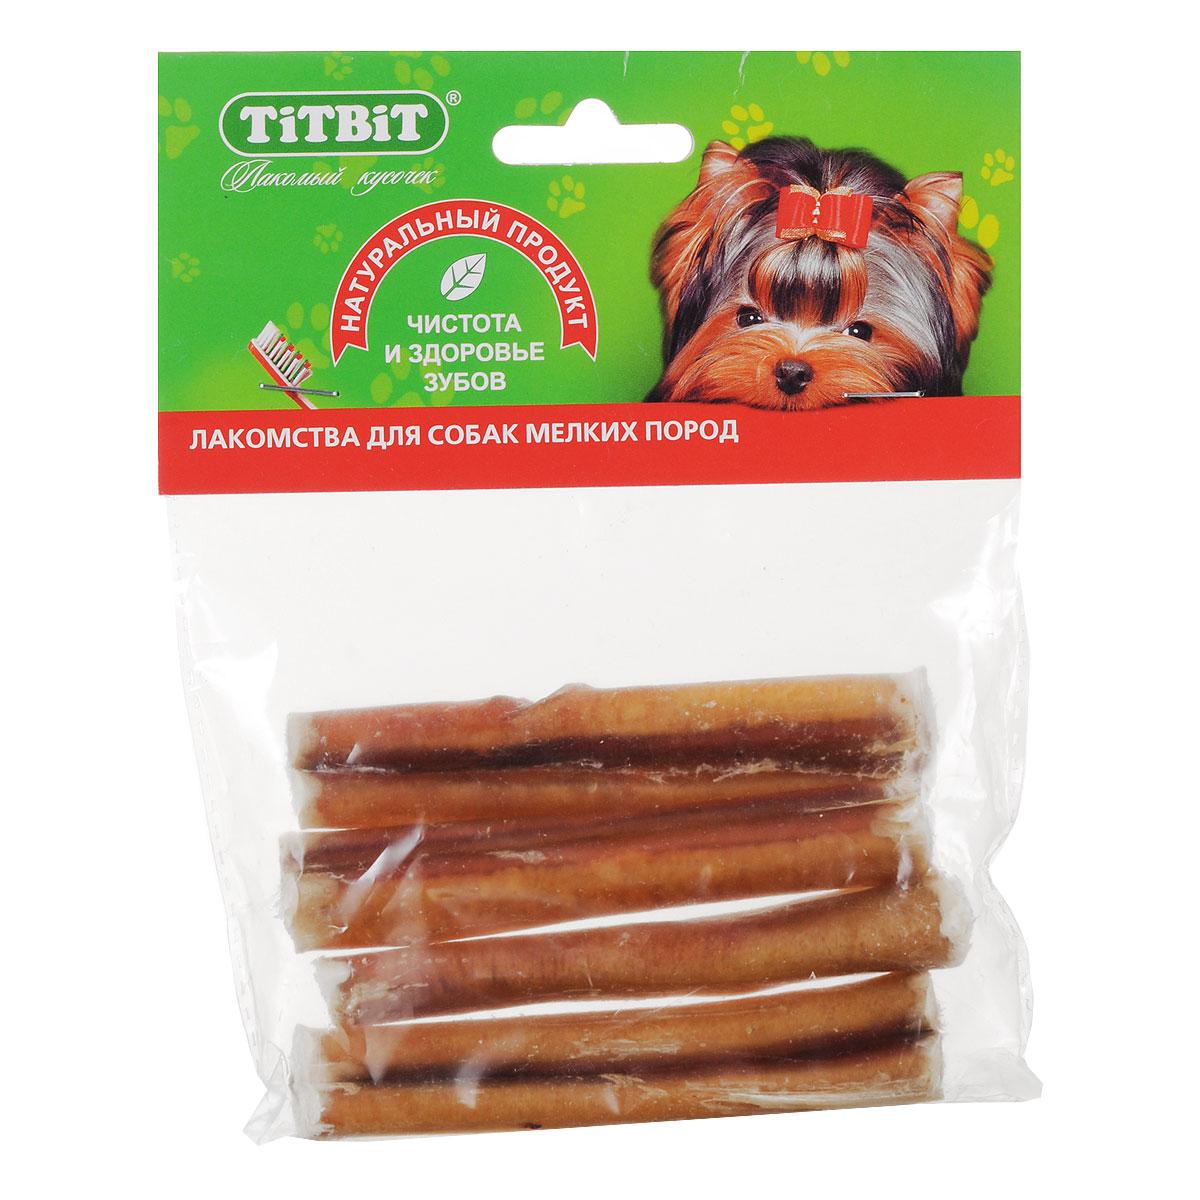 Лакомство для собак мелких пород Titbit, корень бычий резанный, 4 шт0120710В одной упаковке Titbit содержатся 4 высушенных резаных бычьих корня длиной около 10 см. Большое содержание аминокислот и микроэлементов оказывает положительное воздействие на общий обмен веществ собаки. Особенно любимое лакомство у собак всех пород и возрастов. Неповторимый вкус этого лакомства надолго отвлечет вашего питомца от любых дел. Рекомендации к применению: для удаления зубного налета, профилактики зубного камня. Способствуют укреплению десен и жевательных мышц. Развивают зубочелюстной аппарат, отвлекают собаку во время смены зубов. Для собак всех пород с 1,5 - 2 месяцев. Состав: высушенный бычий пенис. Количество в упаковке: 4 шт. Средняя длина лакомства: 10 см. Товар сертифицирован.